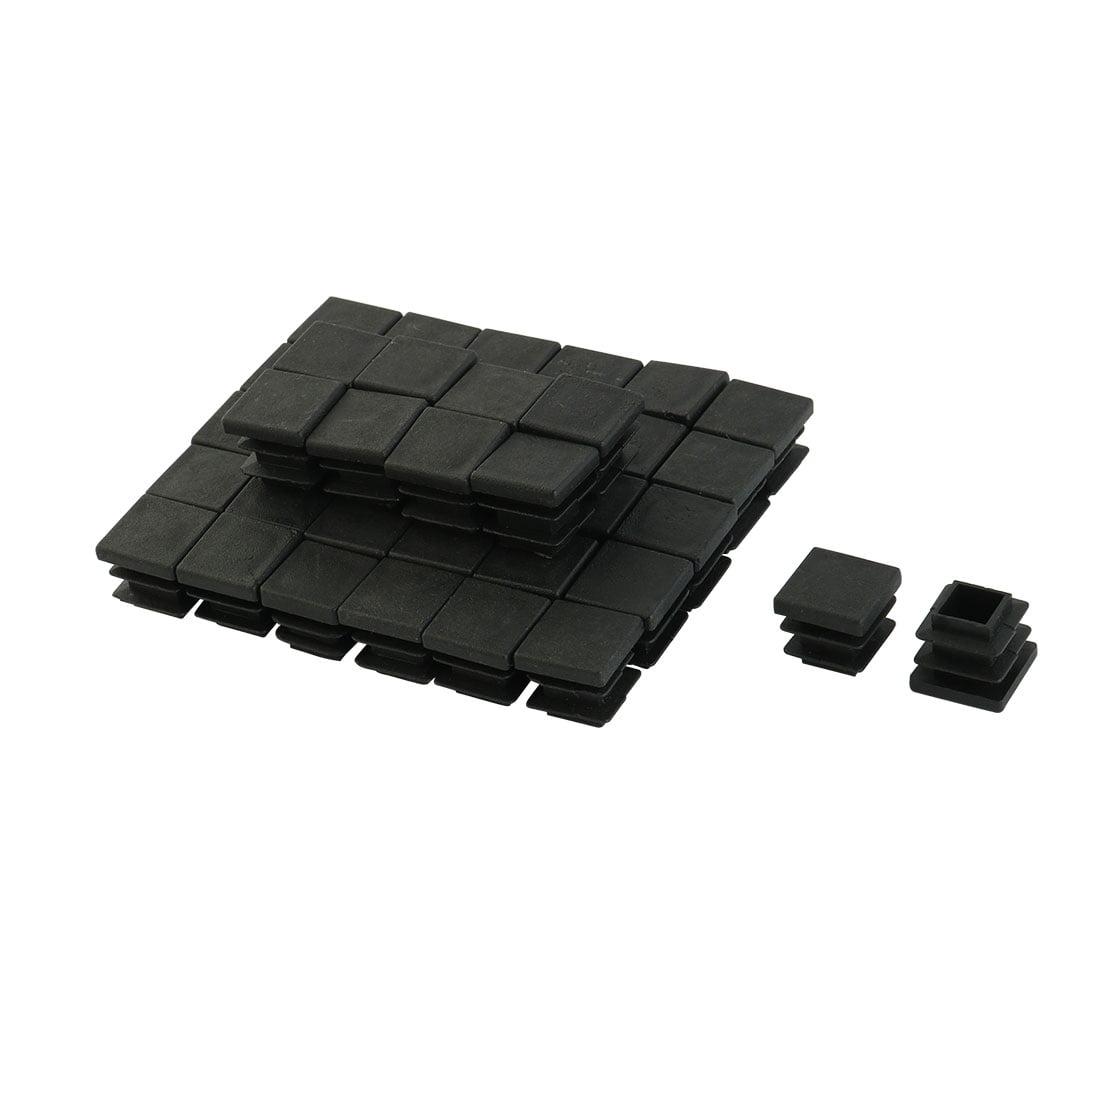 Domicile Bureau Carre Table Chaise En Plastique Pour Tubes A Jambe Noir 16 X 16mm 40pcs